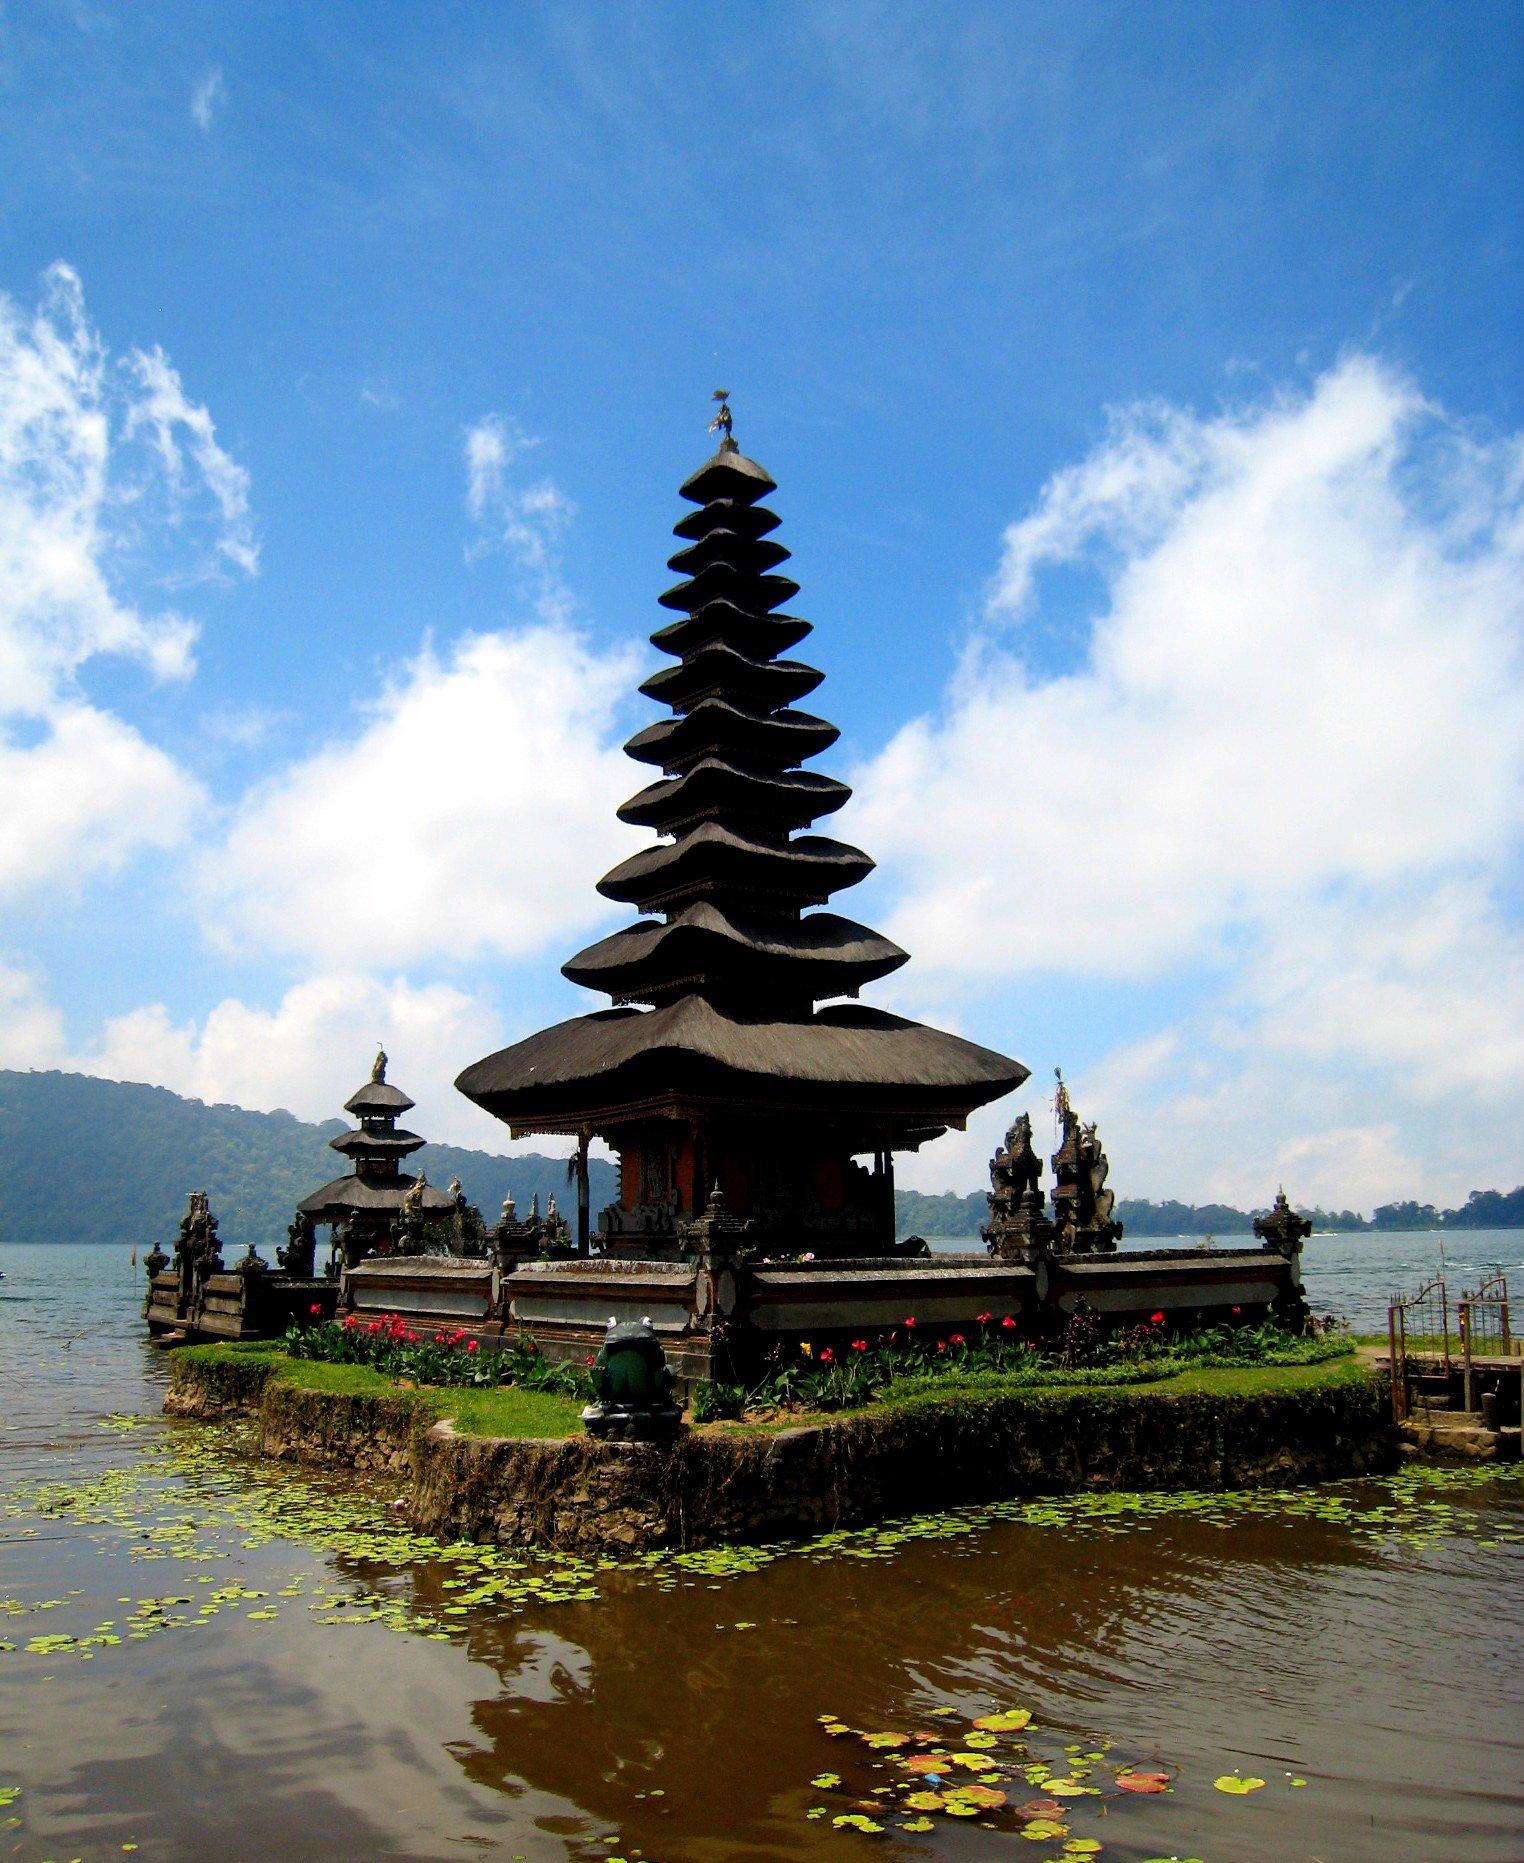 ¿Uno de los lugares más deseados del verano? Bali siempre apetece https://t.co/ozJW1YIntv